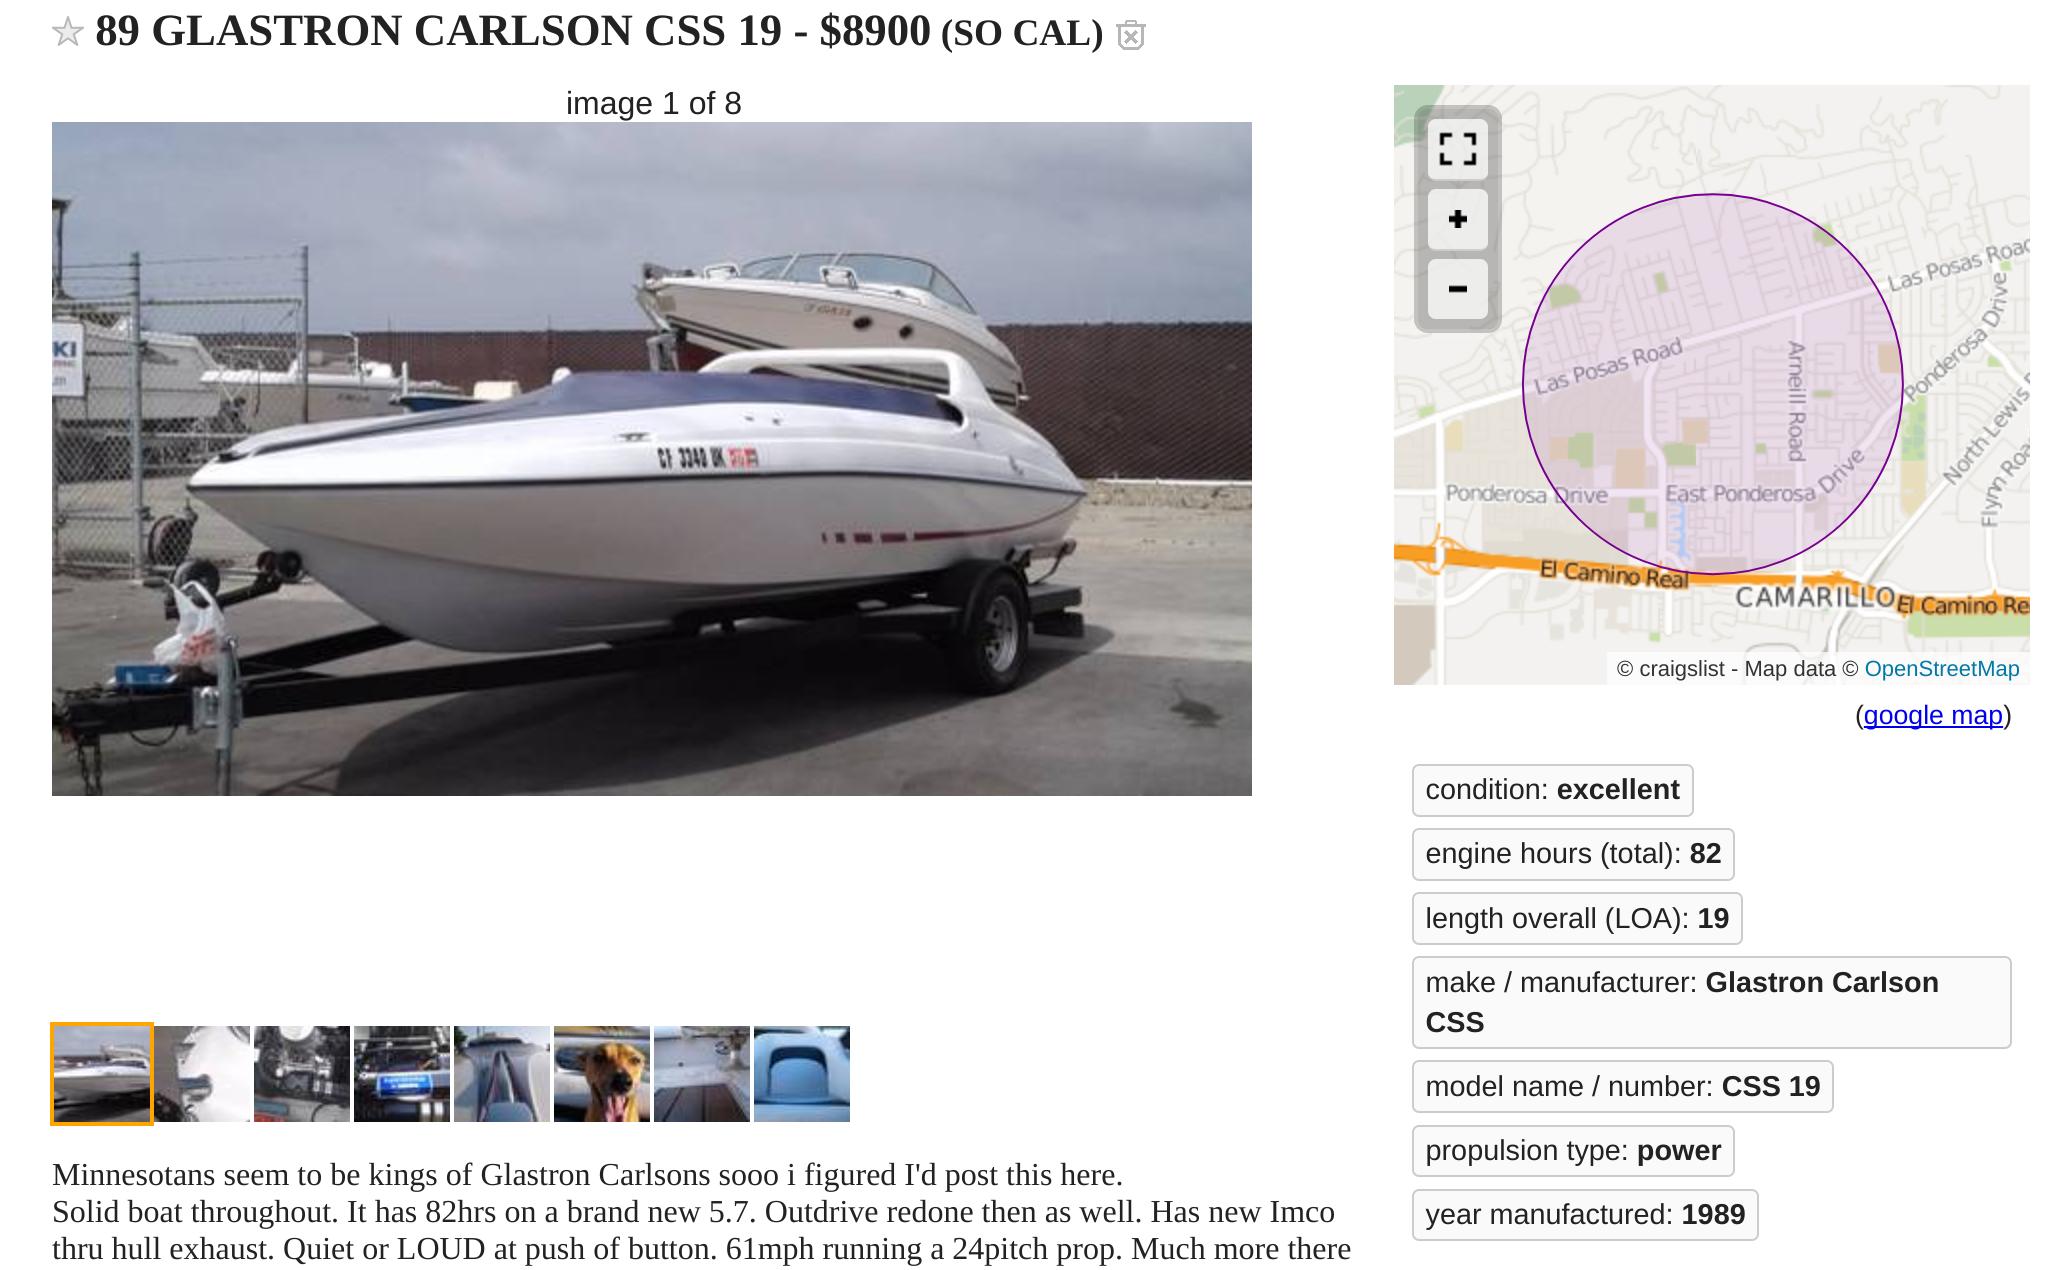 Carlson CSS 19